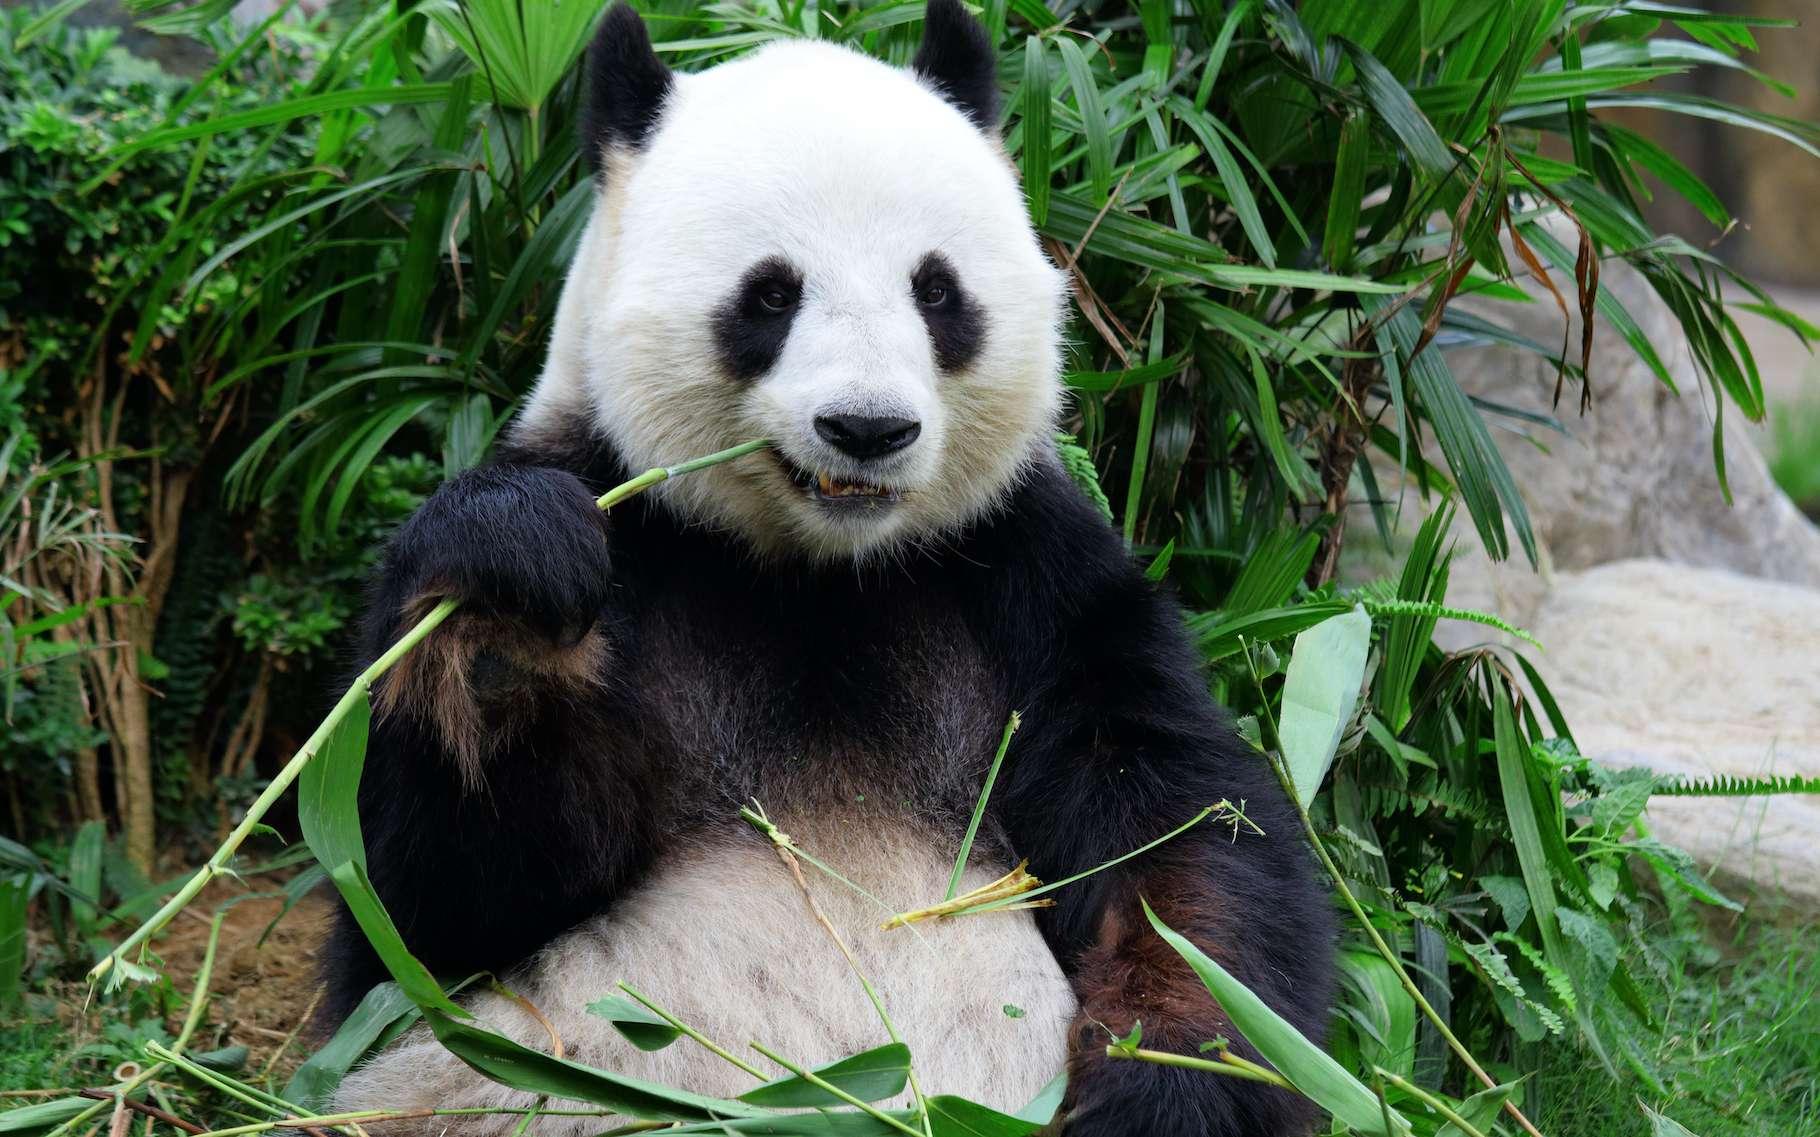 Le panda géant, avec son allure débonnaire, ne semble pas des plus futés. Pourtant, il a su mettre au point une stratégie plutôt efficace pour lutter contre la sensation de froid… pas si bête. © leungchopan, Adobe Stock